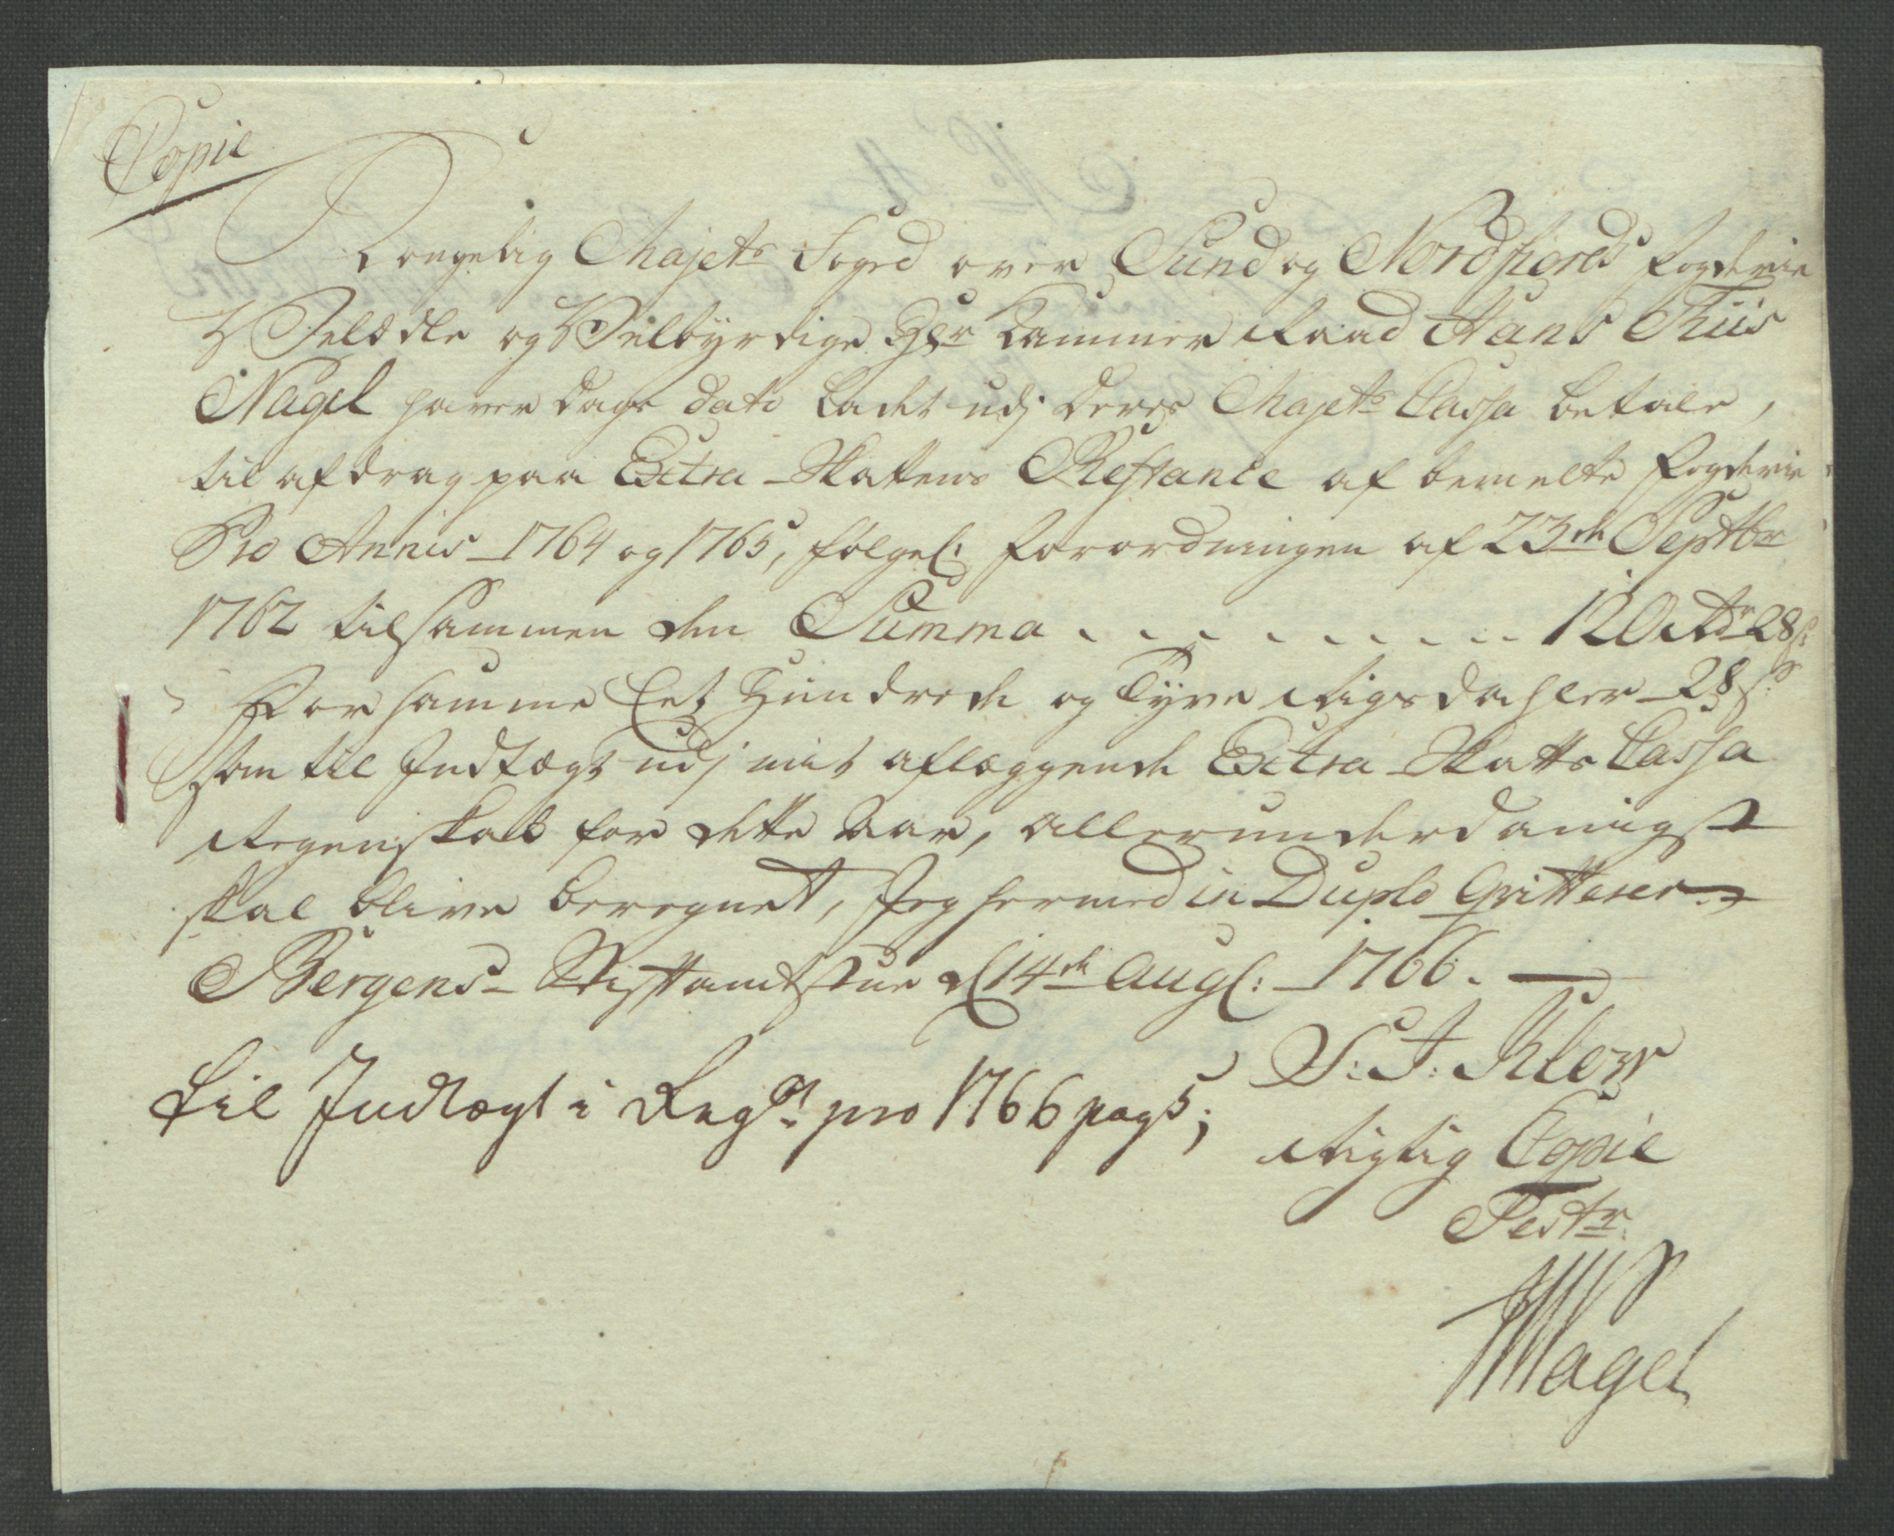 RA, Rentekammeret inntil 1814, Reviderte regnskaper, Fogderegnskap, R53/L3550: Ekstraskatten Sunn- og Nordfjord, 1762-1771, s. 152